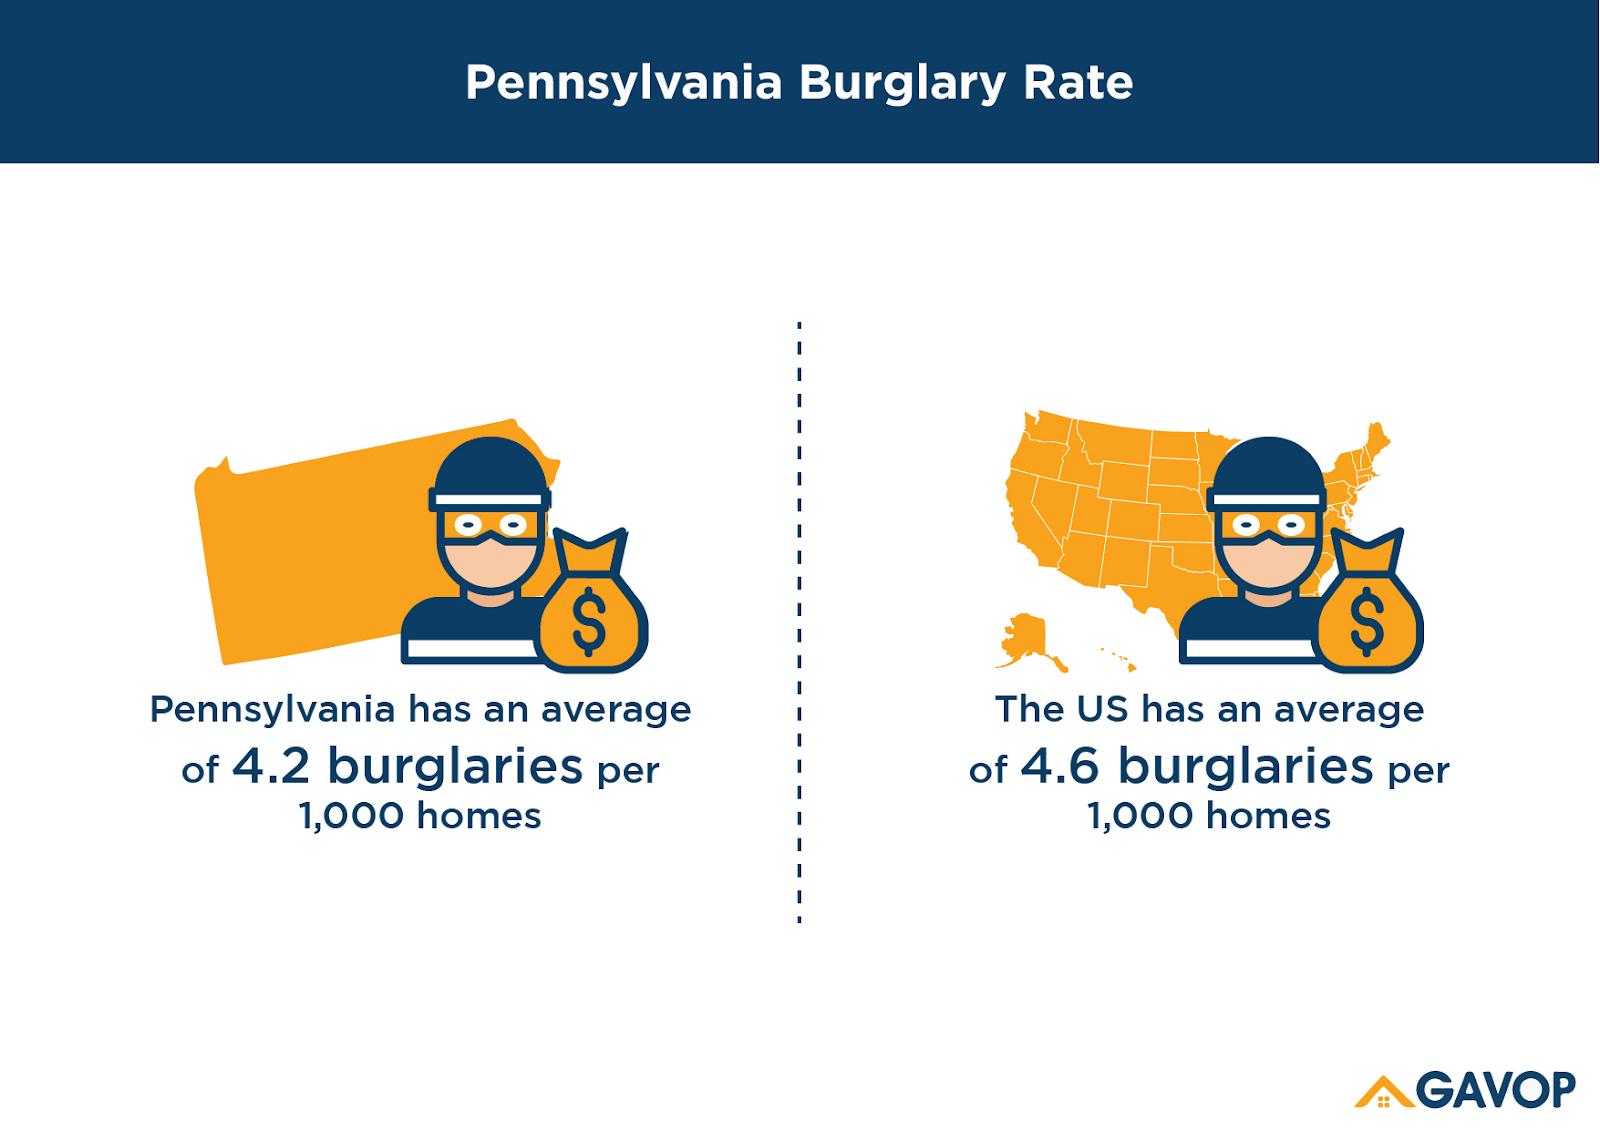 Burglary_rate